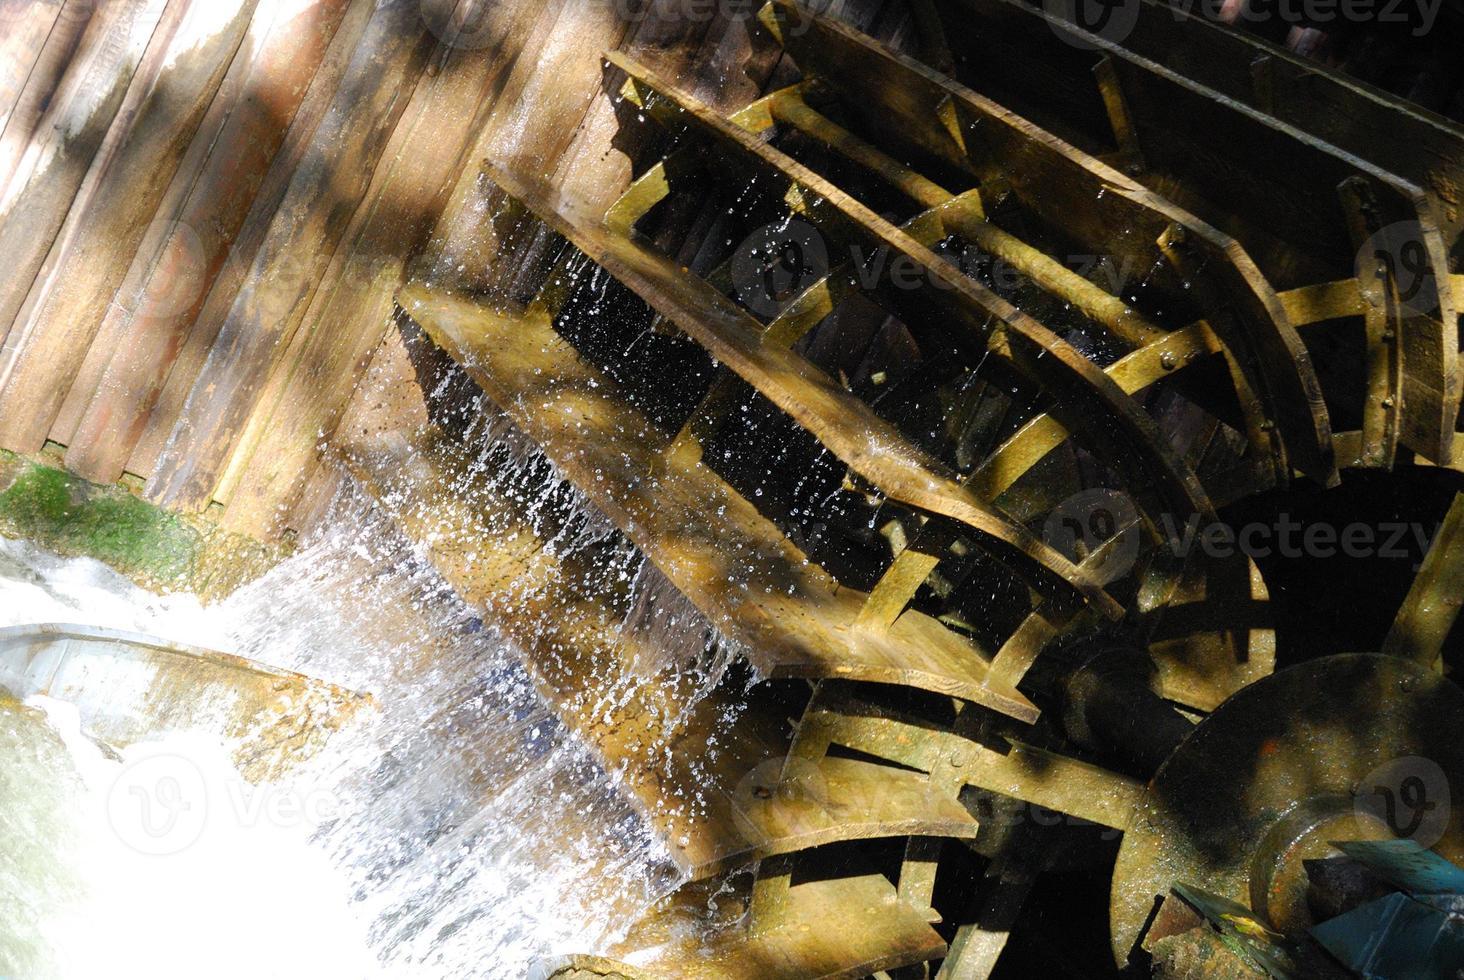 vue rapprochée du moulin à eau photo